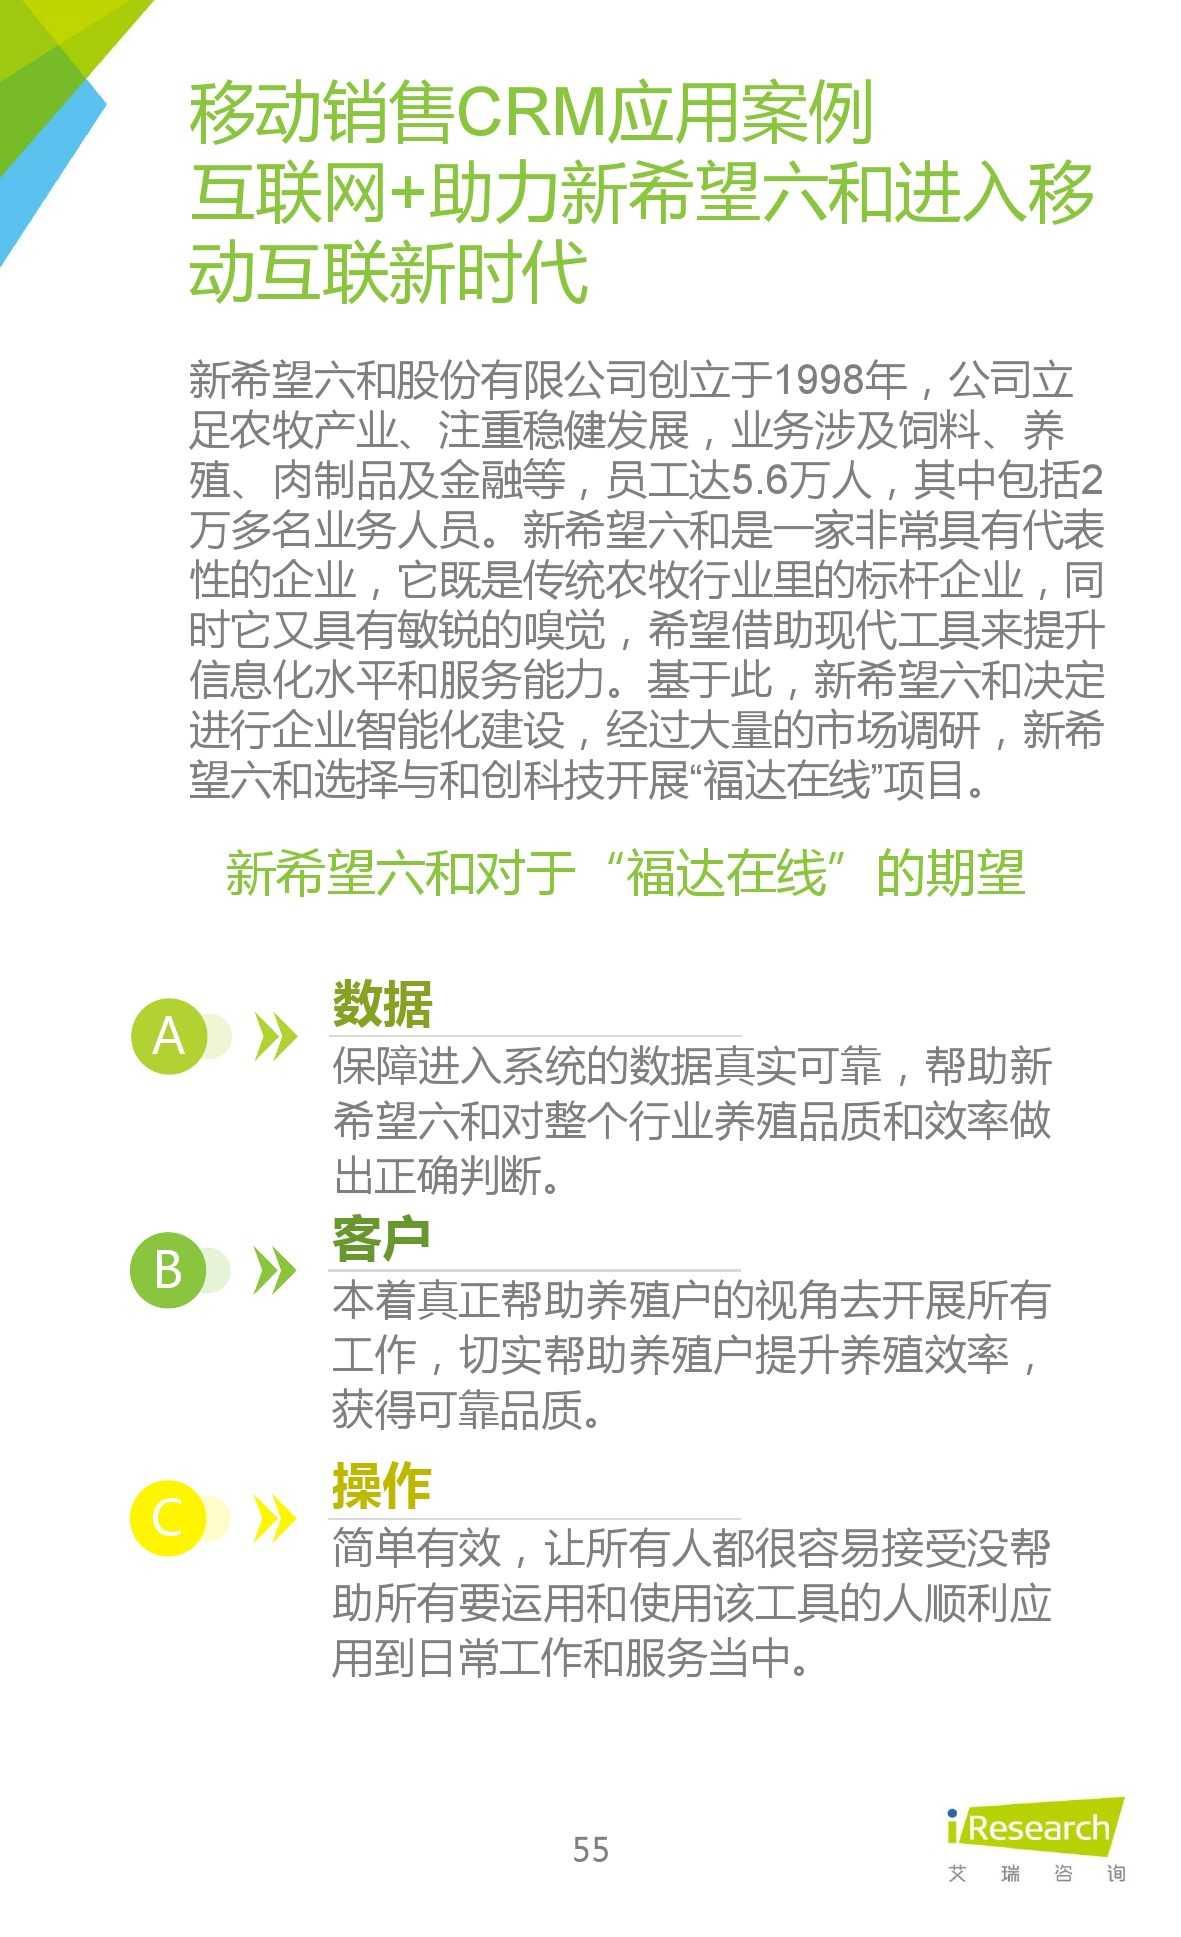 2015年中国移动销售CRM行业研究报告_000055